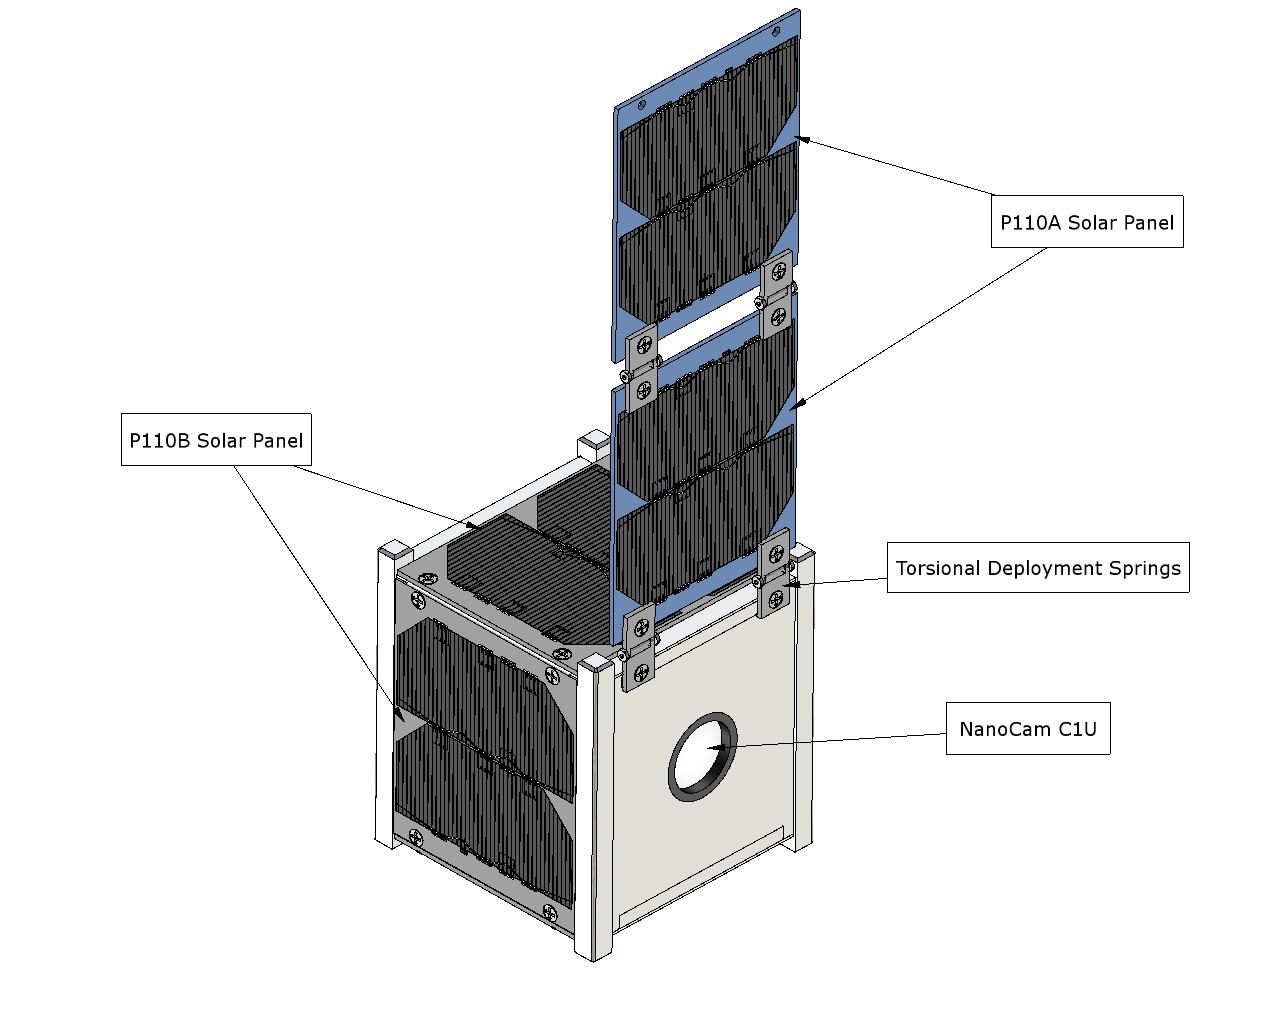 CubeSat Overview